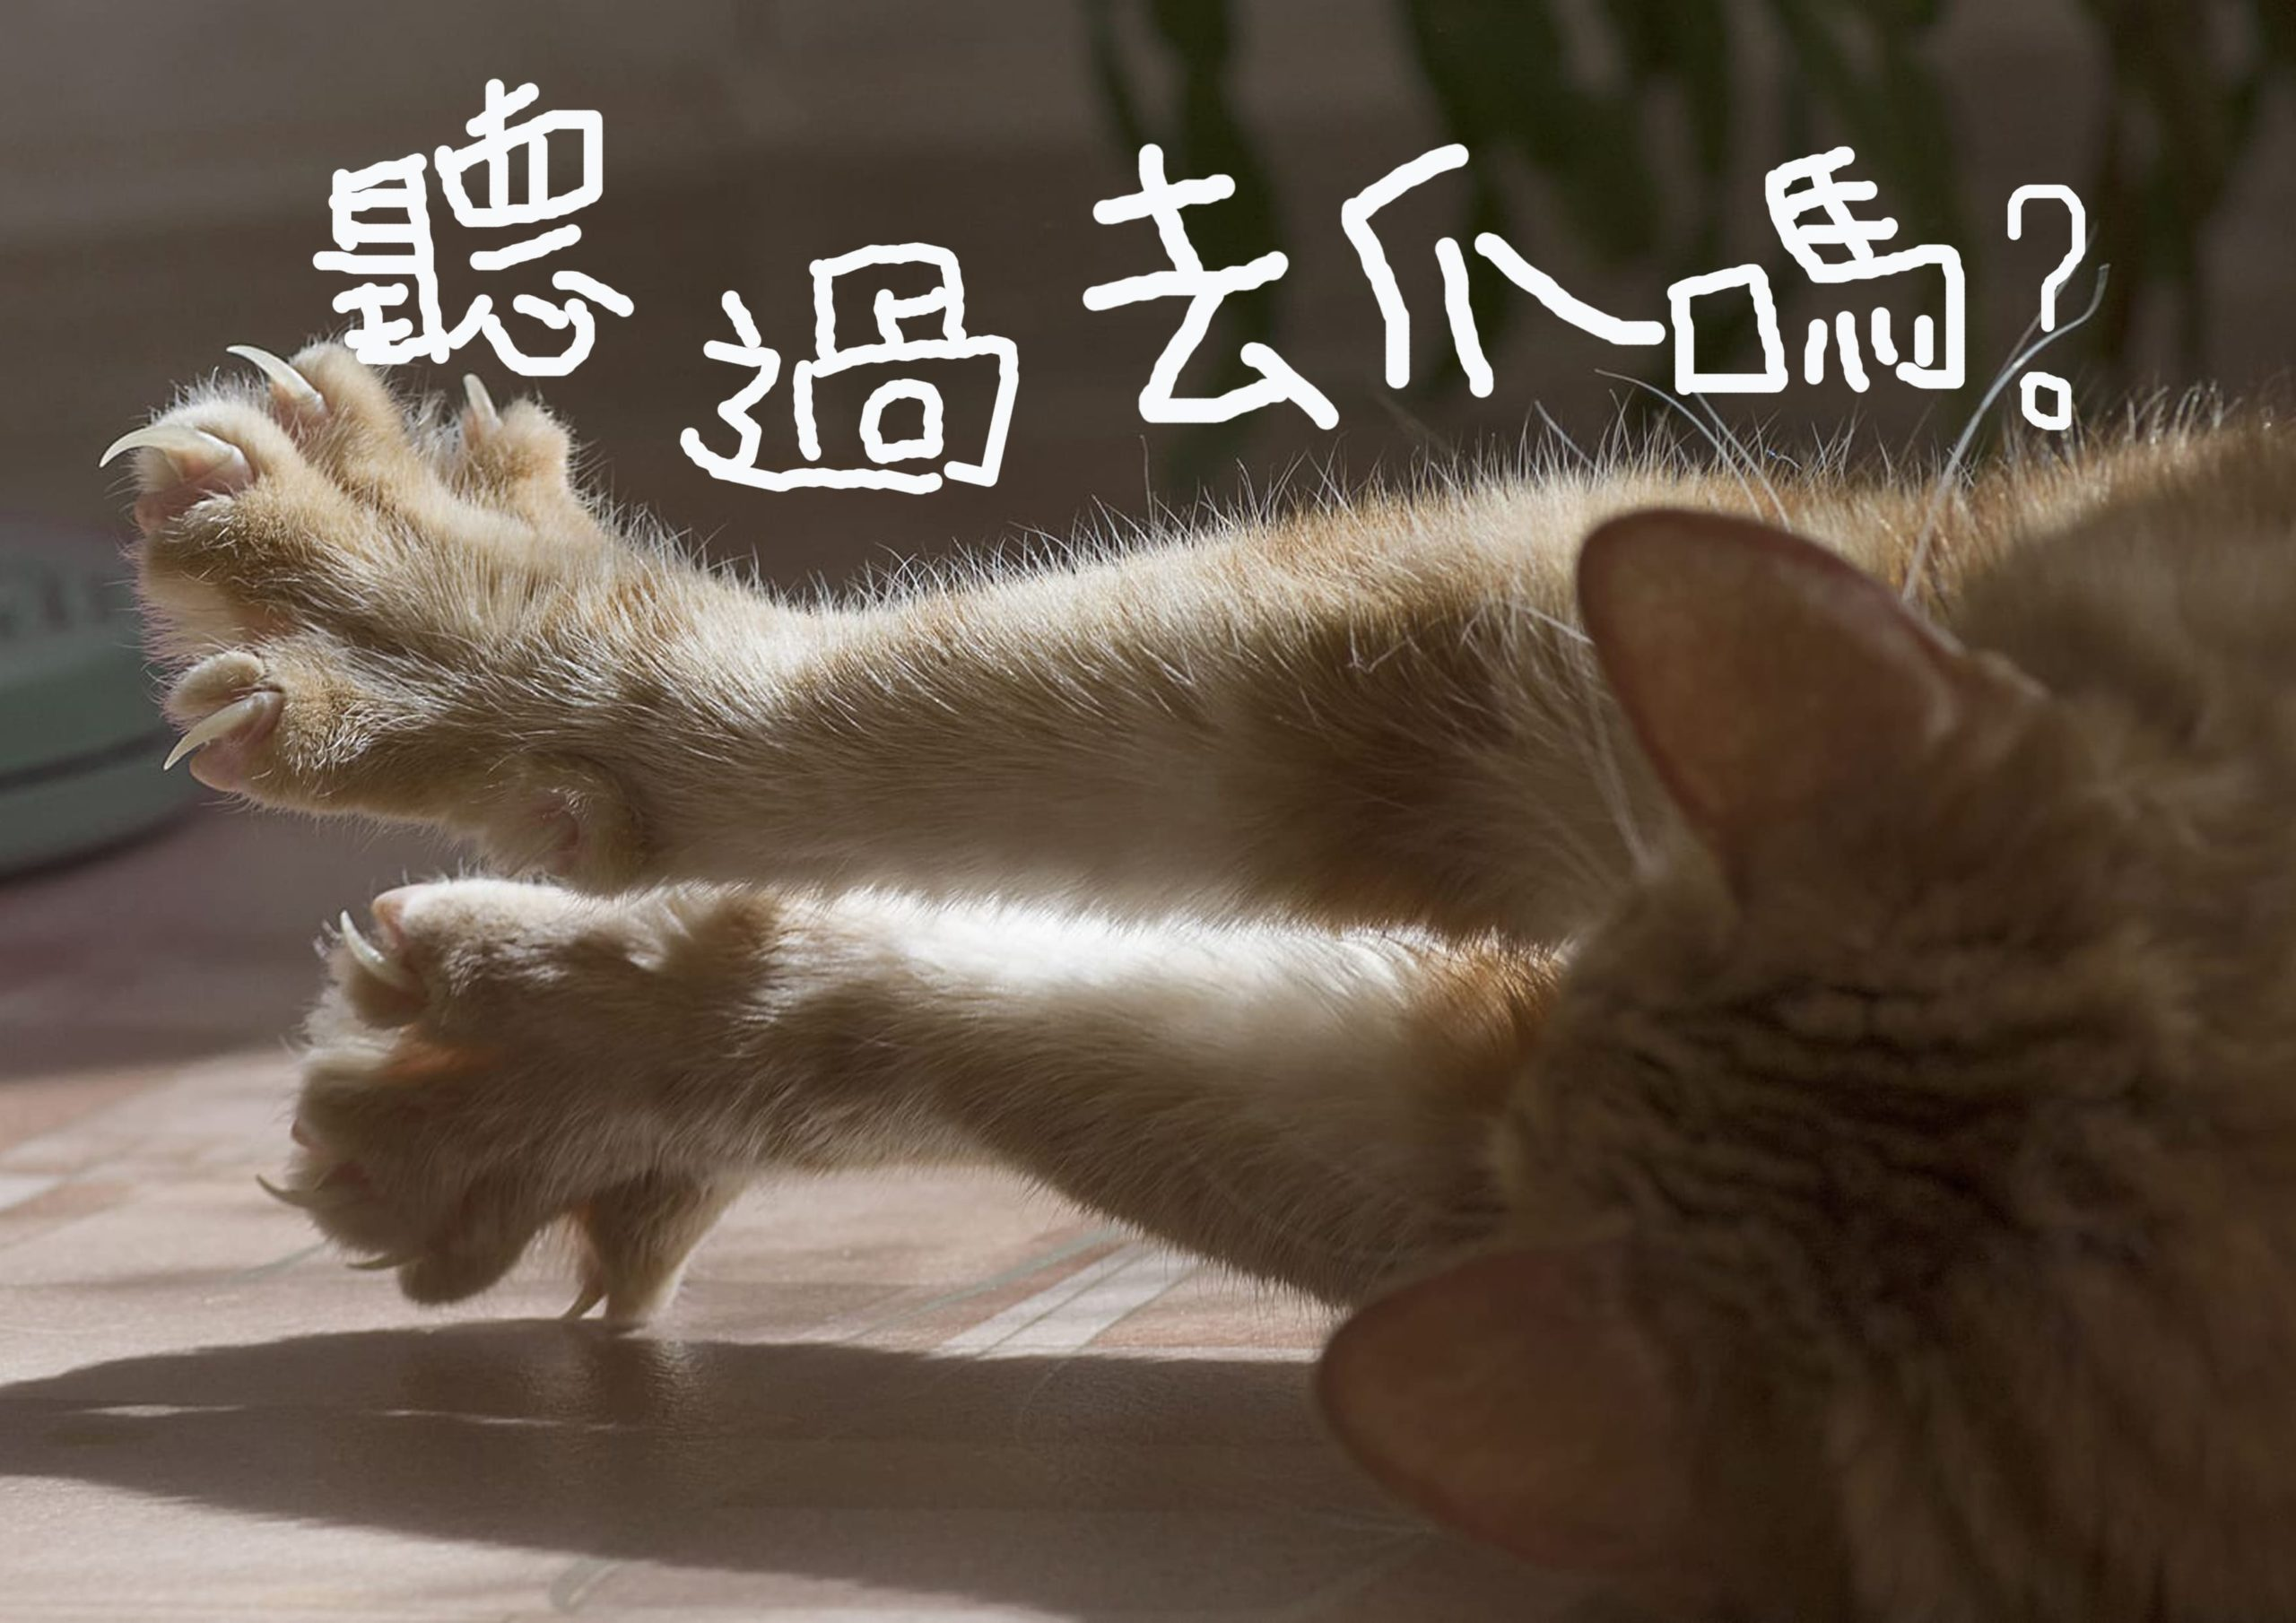 聽過貓咪去爪嗎?